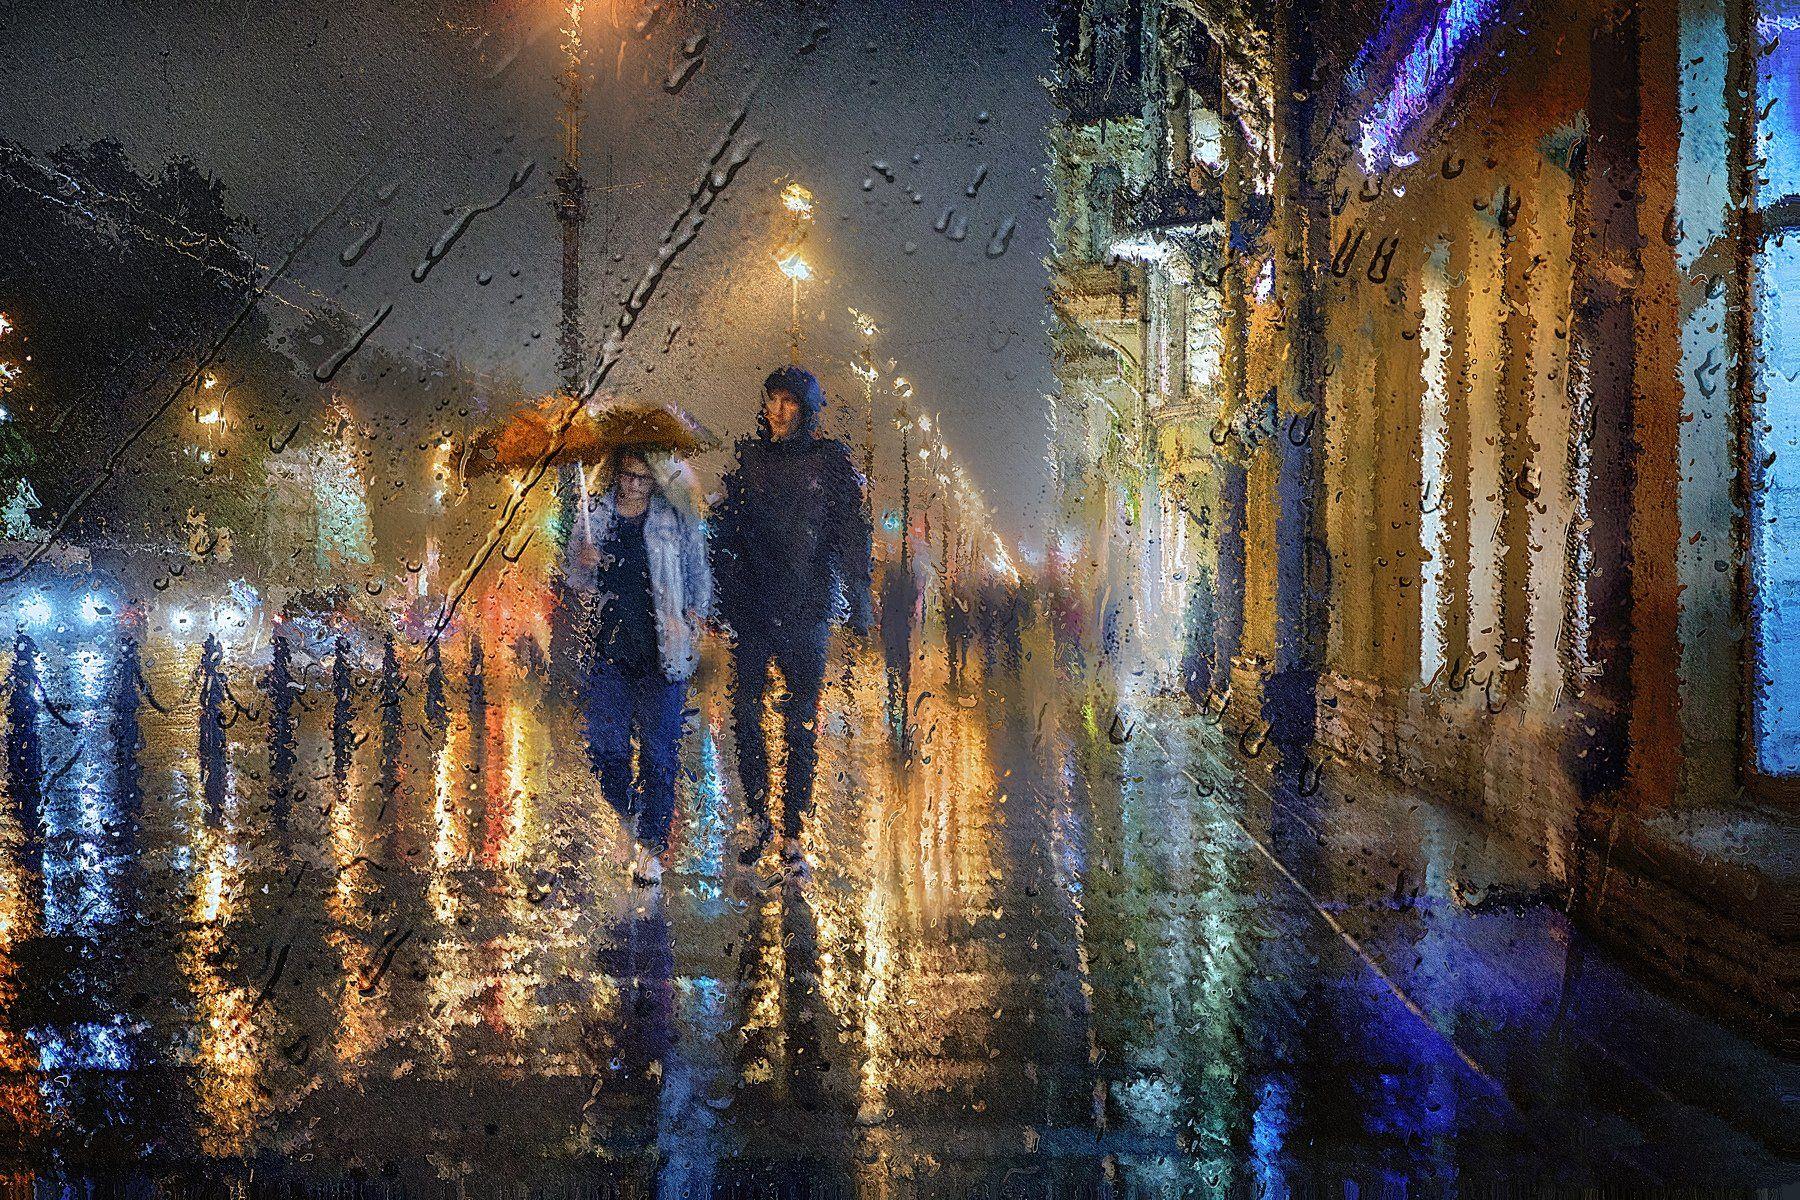 питер, невский проспект, дождь, прогулка, рехов, сергейрехов, rekhov, sergejrekhov, Сергей Рехов